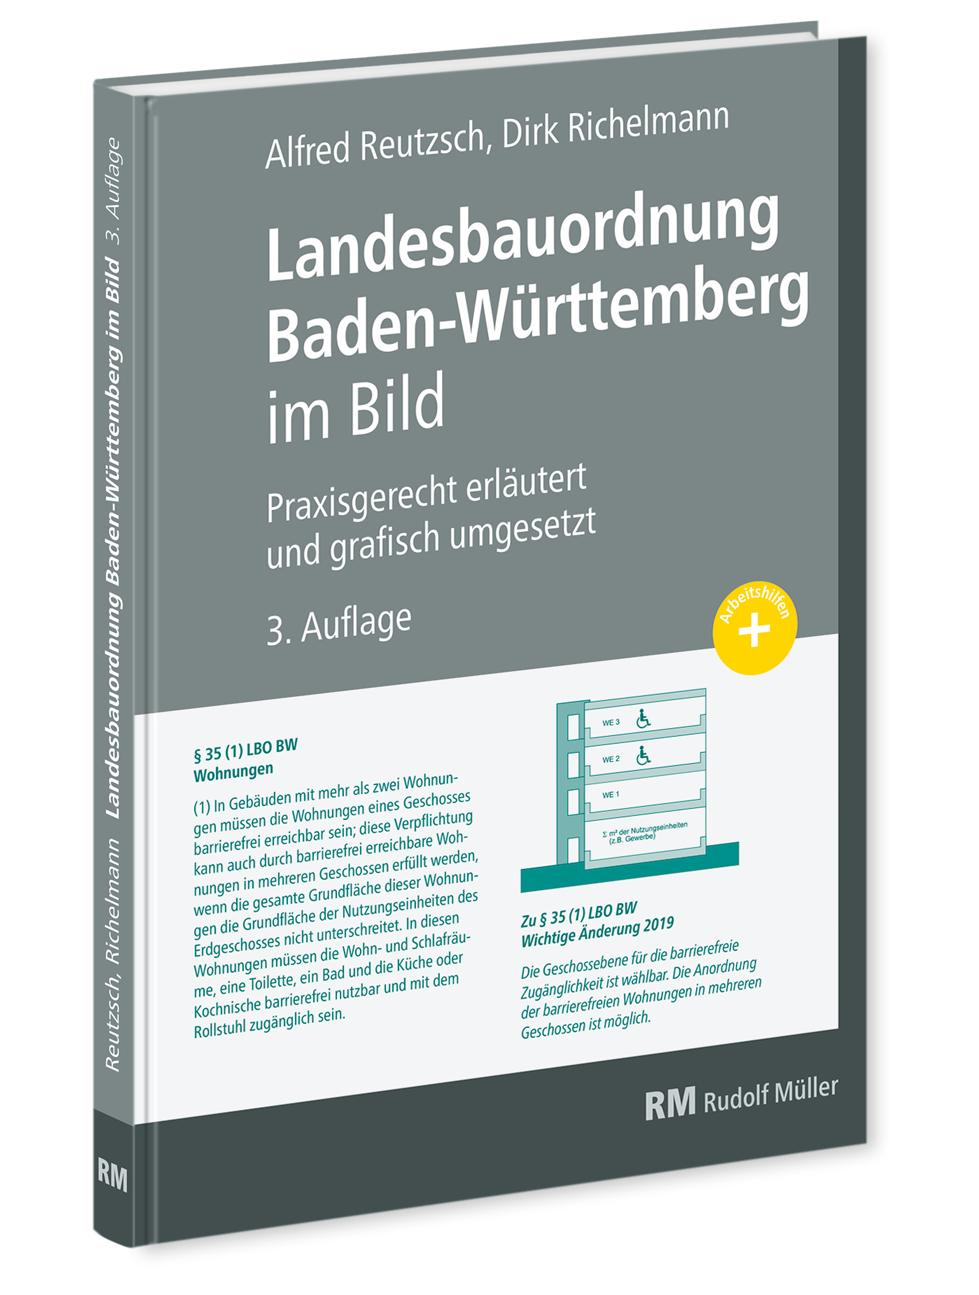 Landesbauordnung Baden-Württemberg im Bild Praxisgerecht erläutert und grafisch umgesetzt